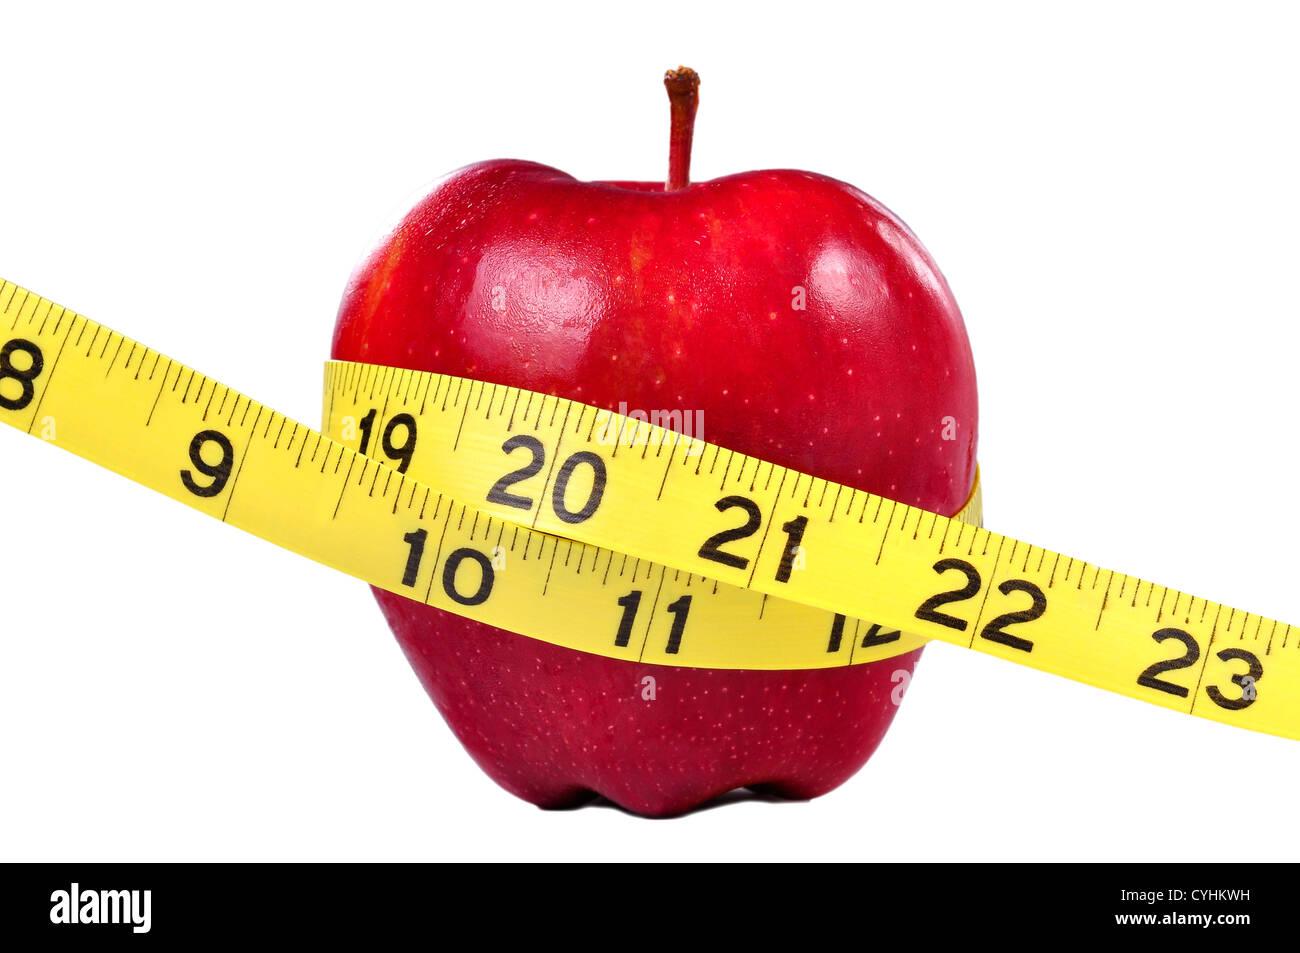 Manzana roja y amarilla cinta métrica para simbolizar una dieta saludable y el control del peso corporal. Foto de stock